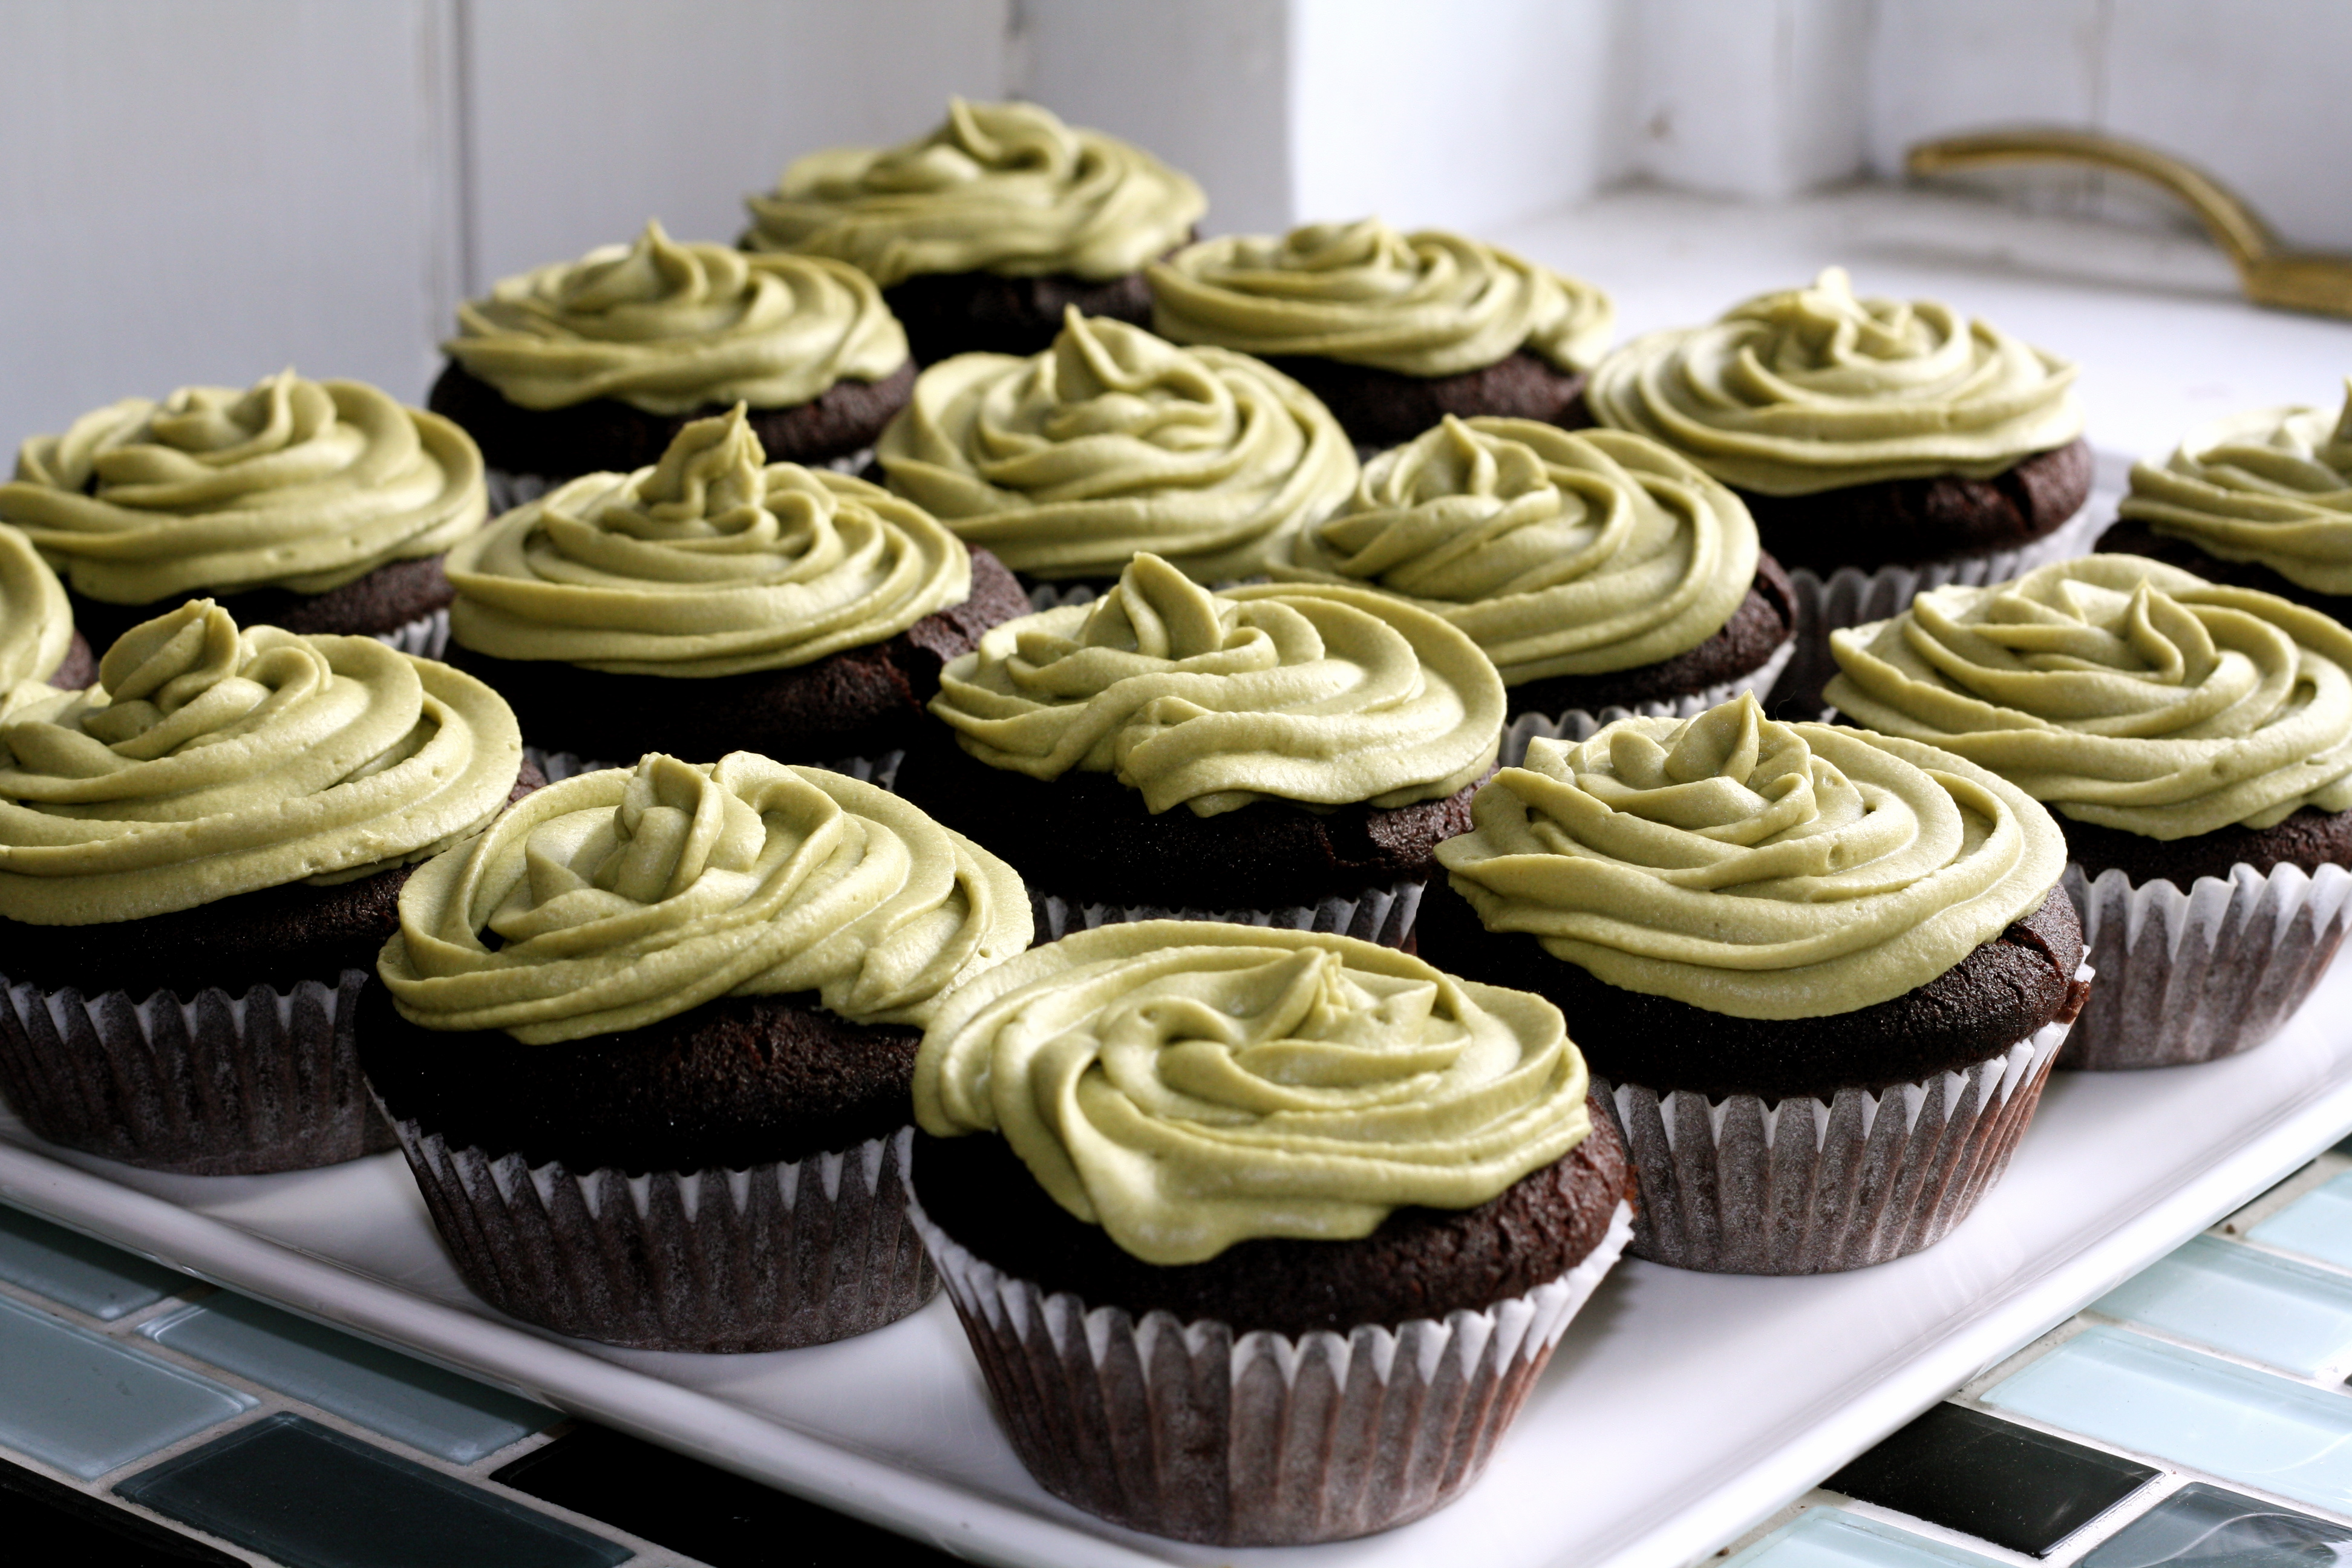 7 Photos of Chocolate Green Tea Cupcakes